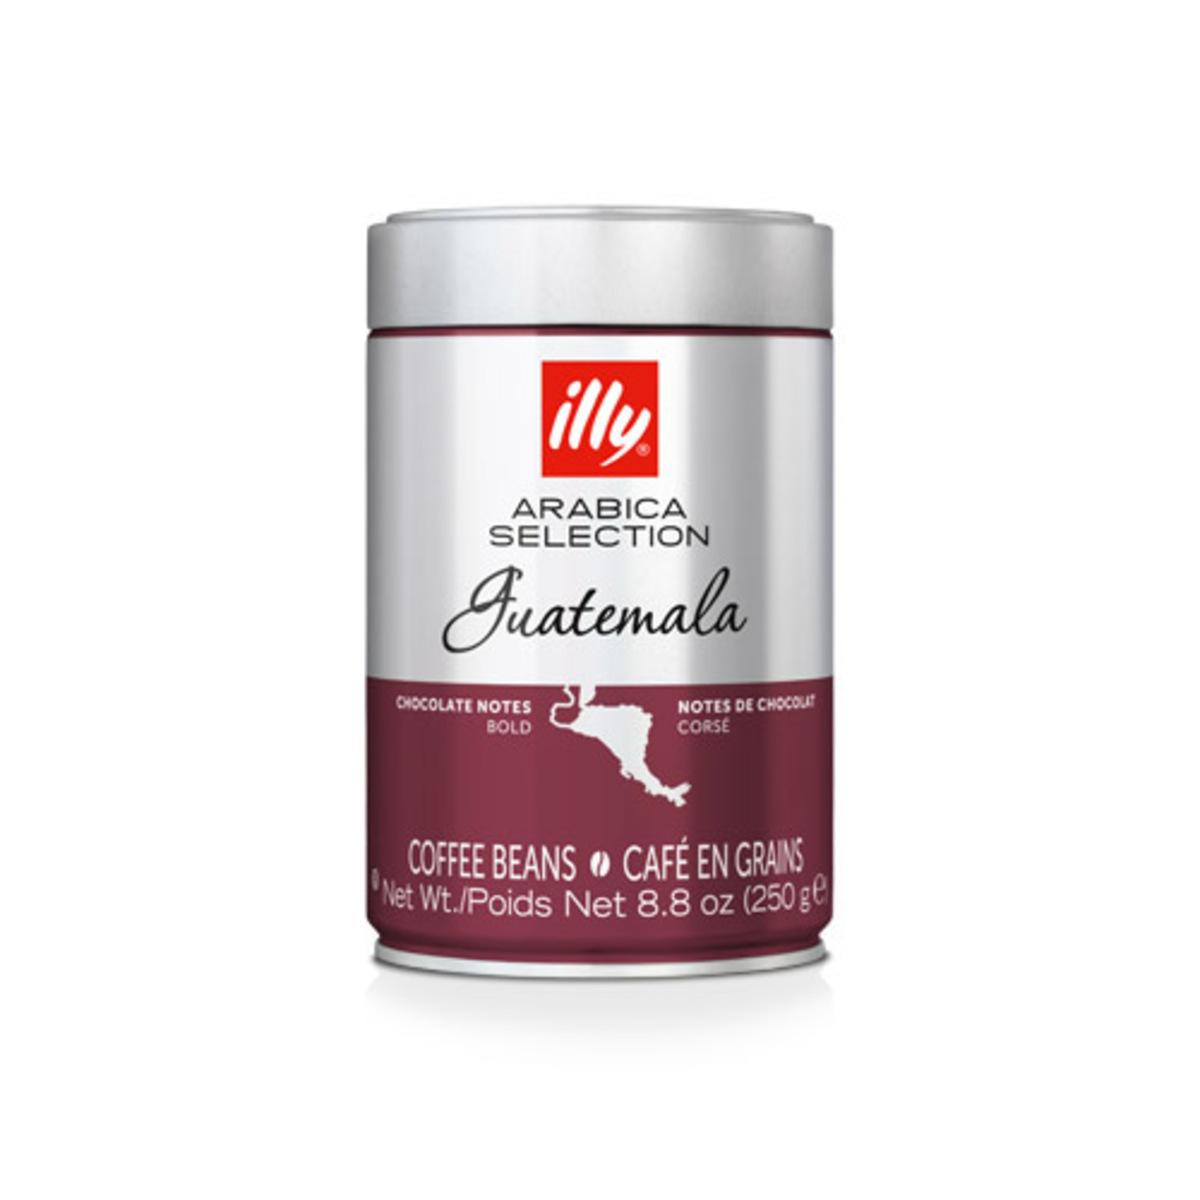 單品咖啡豆 - 危地馬拉